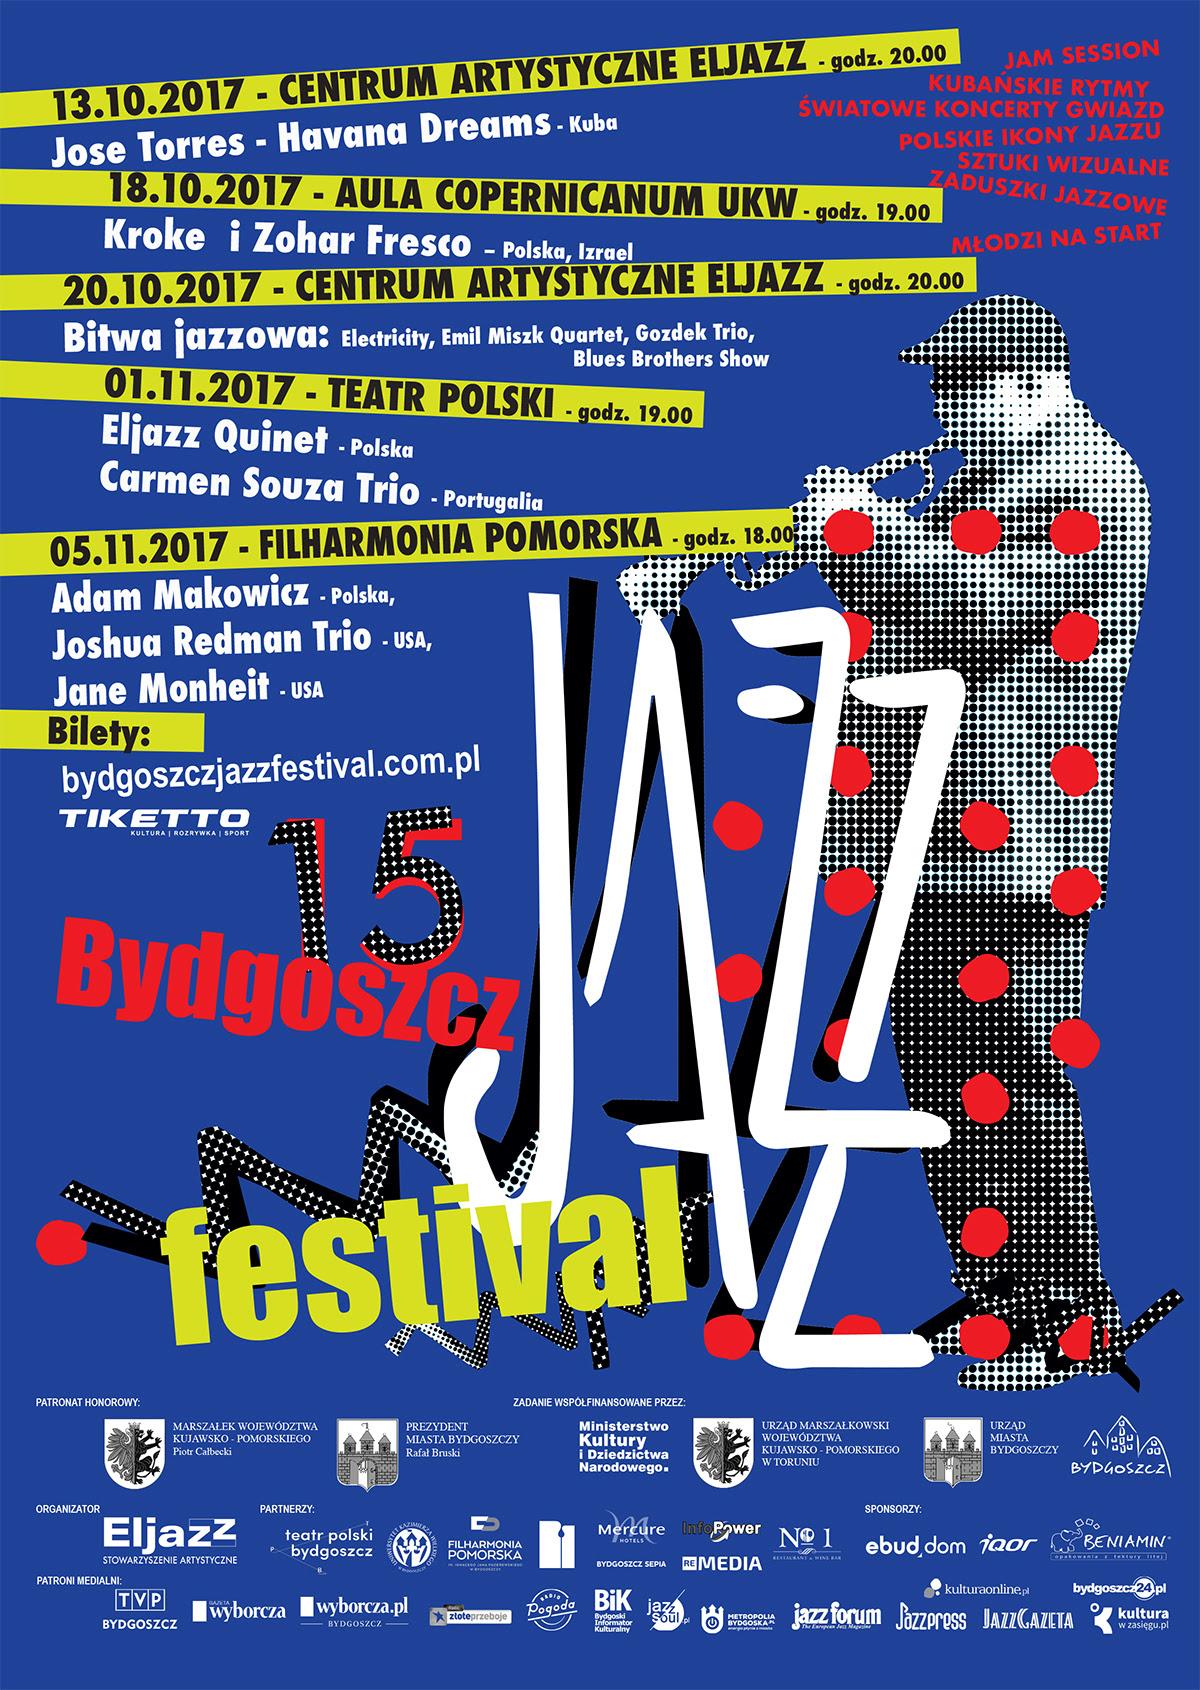 bydgoszcz jazz festival 2017